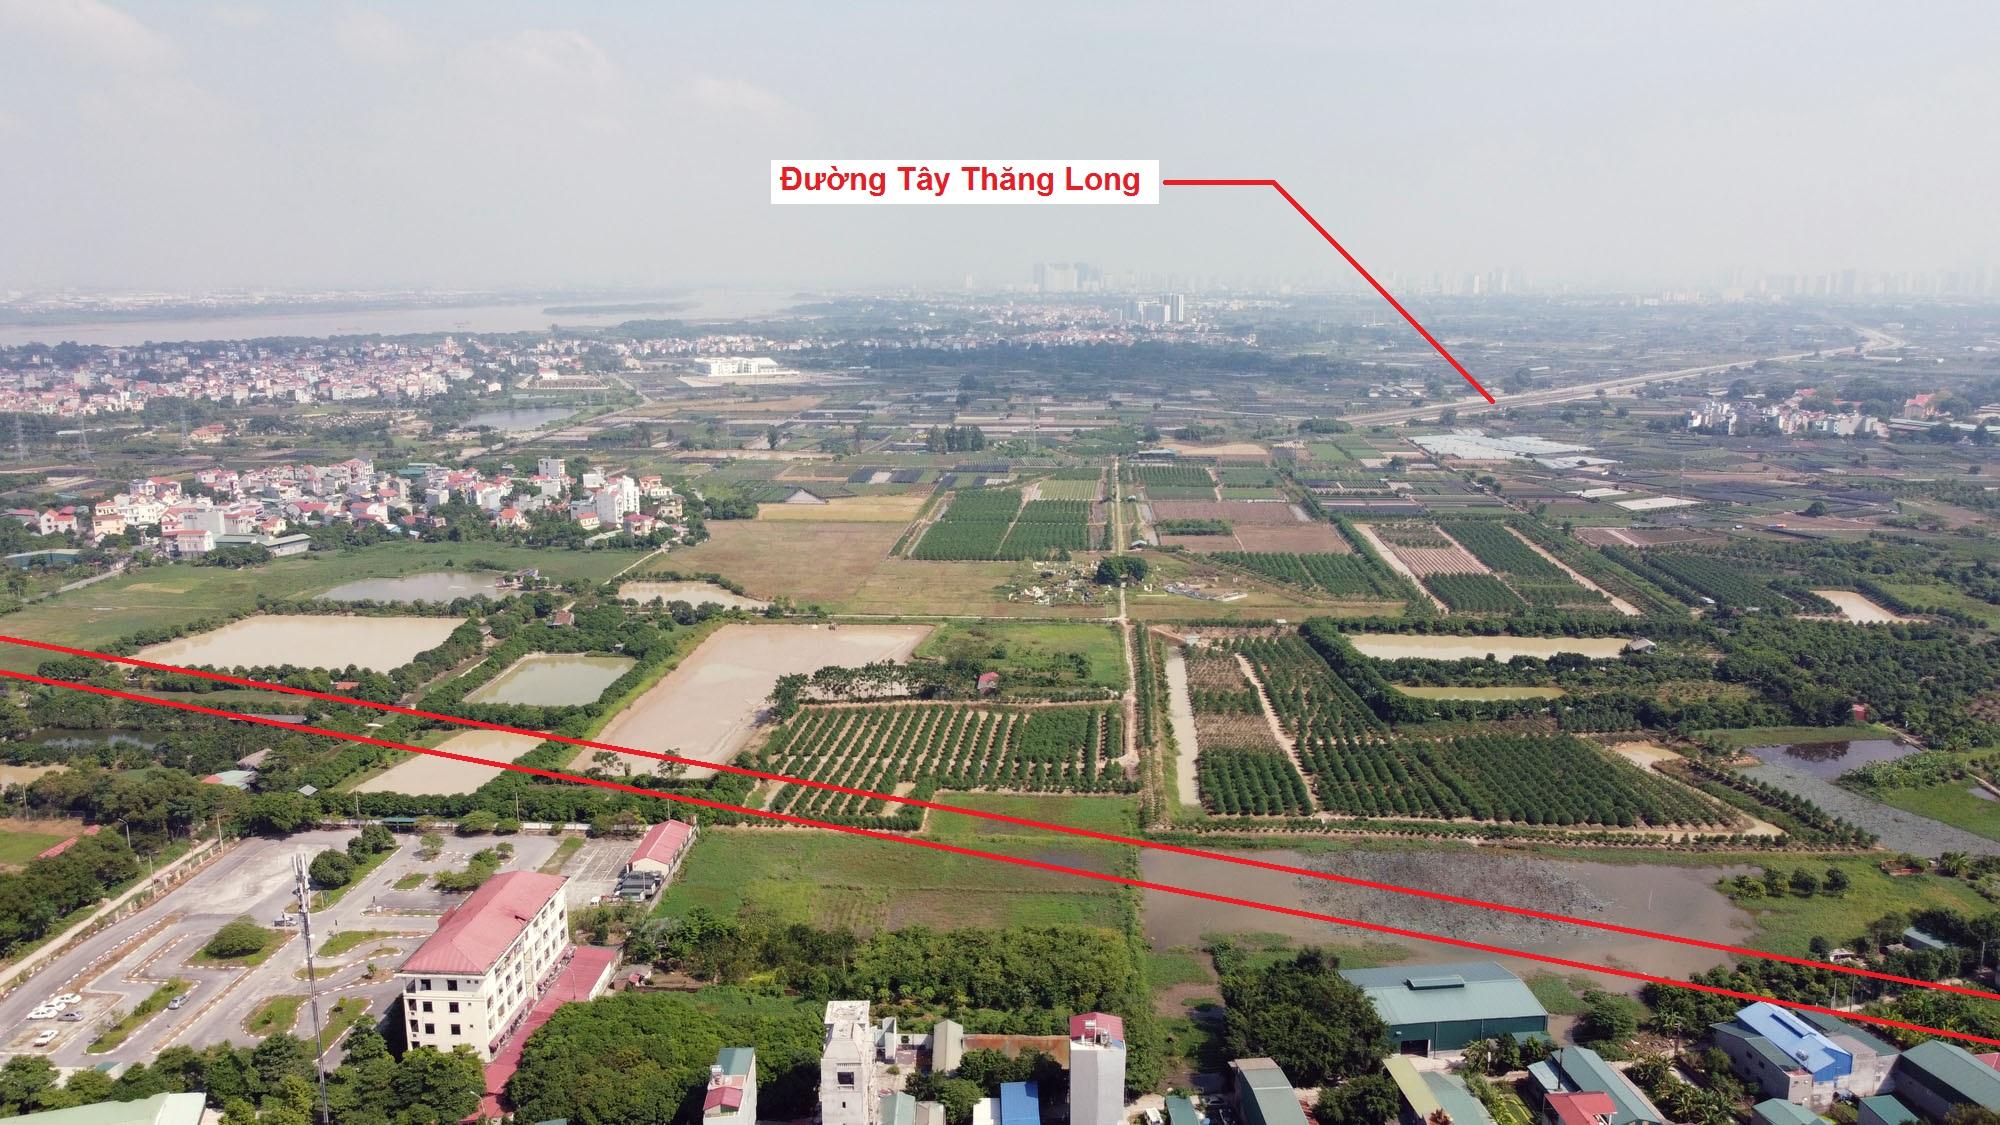 Ba đường sẽ mở theo qui hoạch ở xã Tân Lập, Đan Phượng, Hà Nội - Ảnh 4.